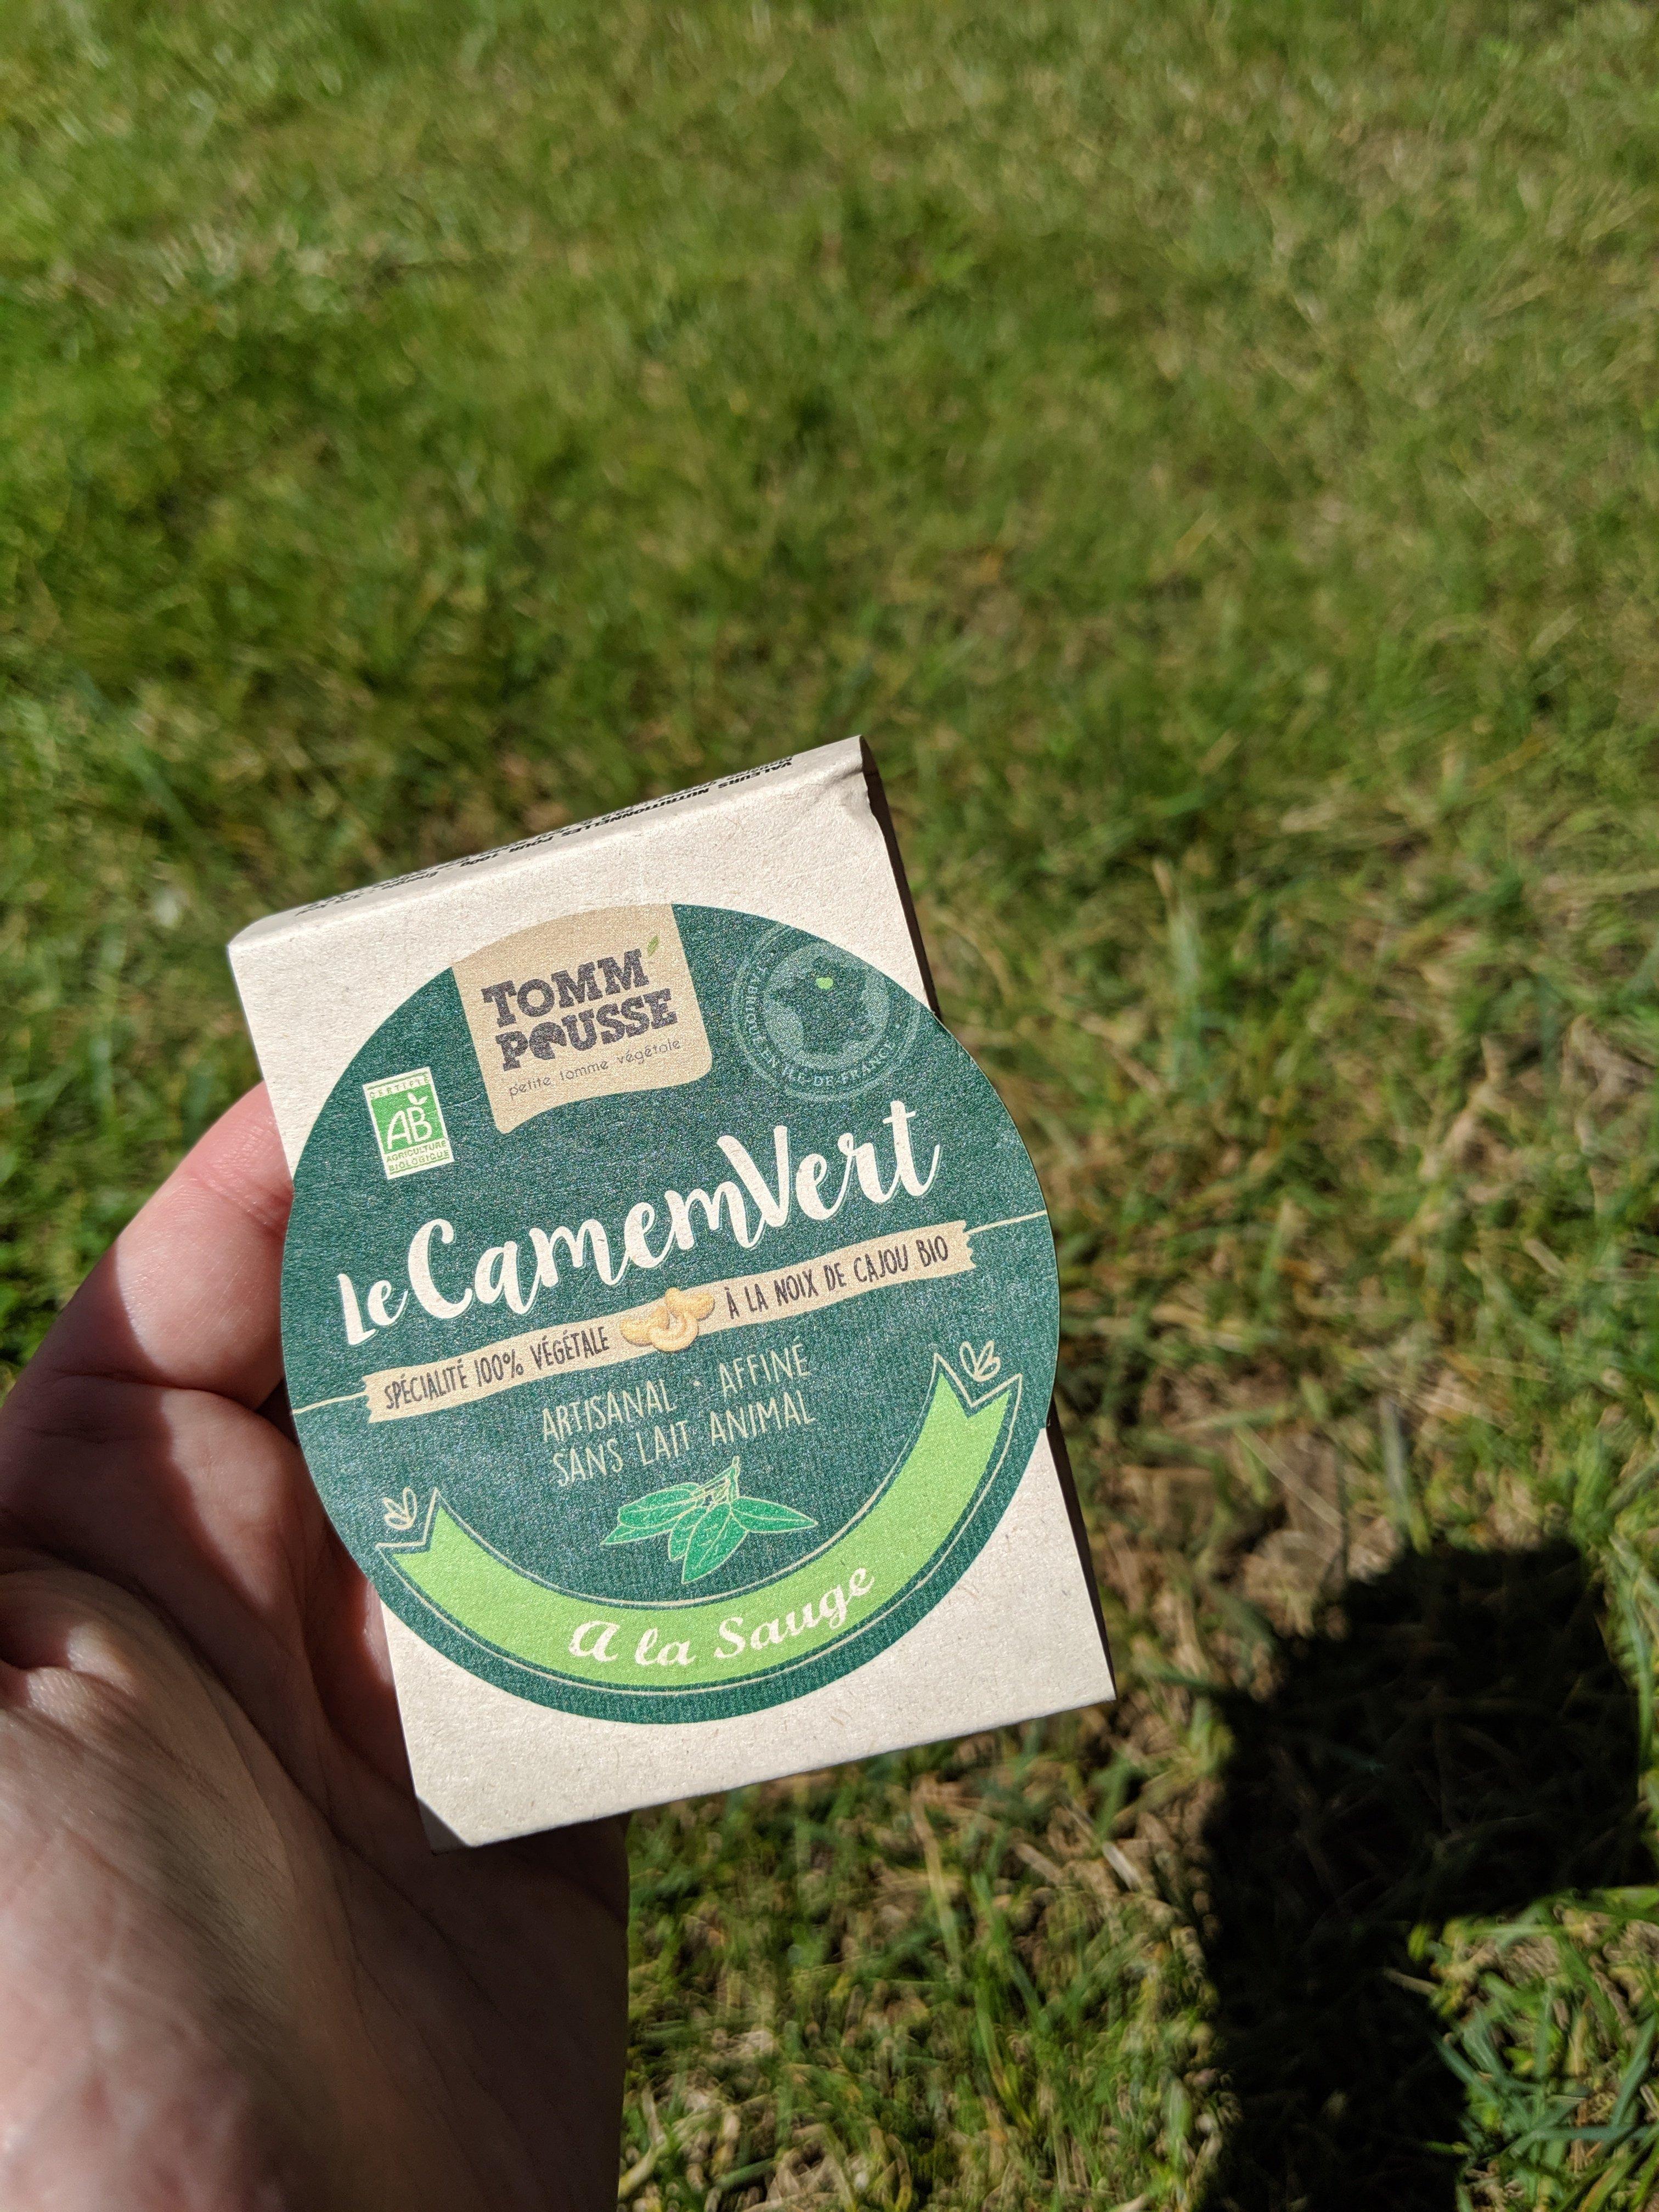 vegan camembert in France